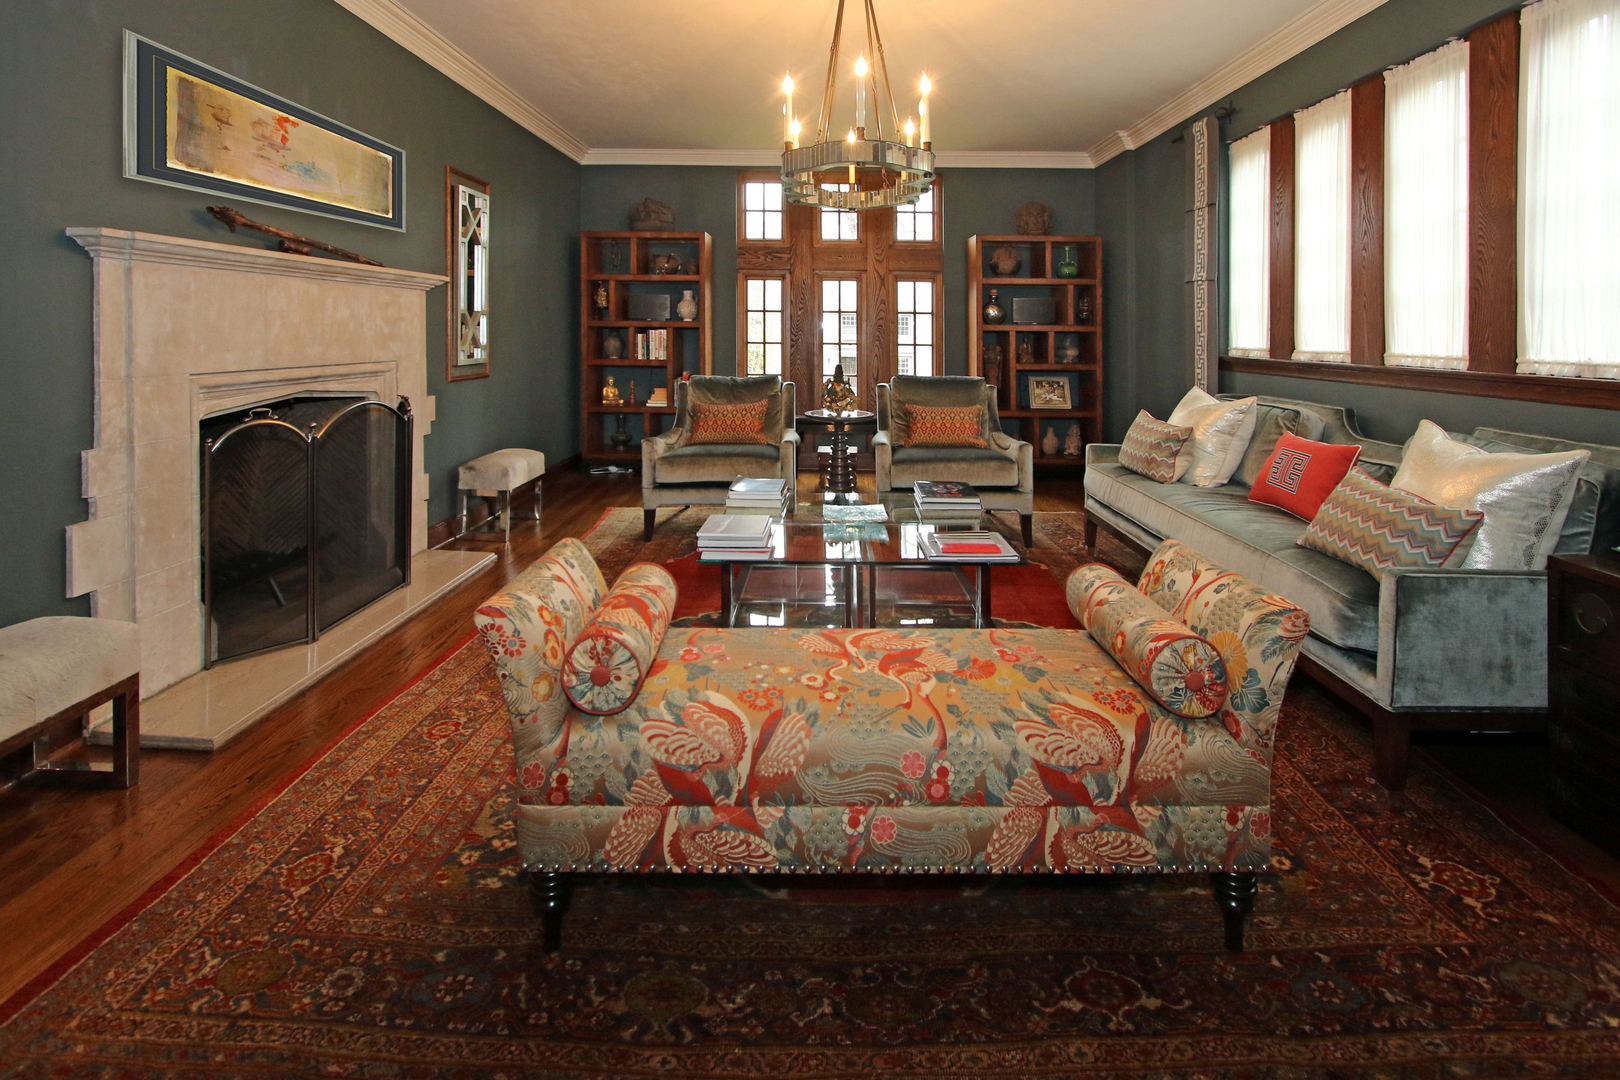 nlm design interiors interior design services interior nlm design interiors interior design services interior decorating home interior design